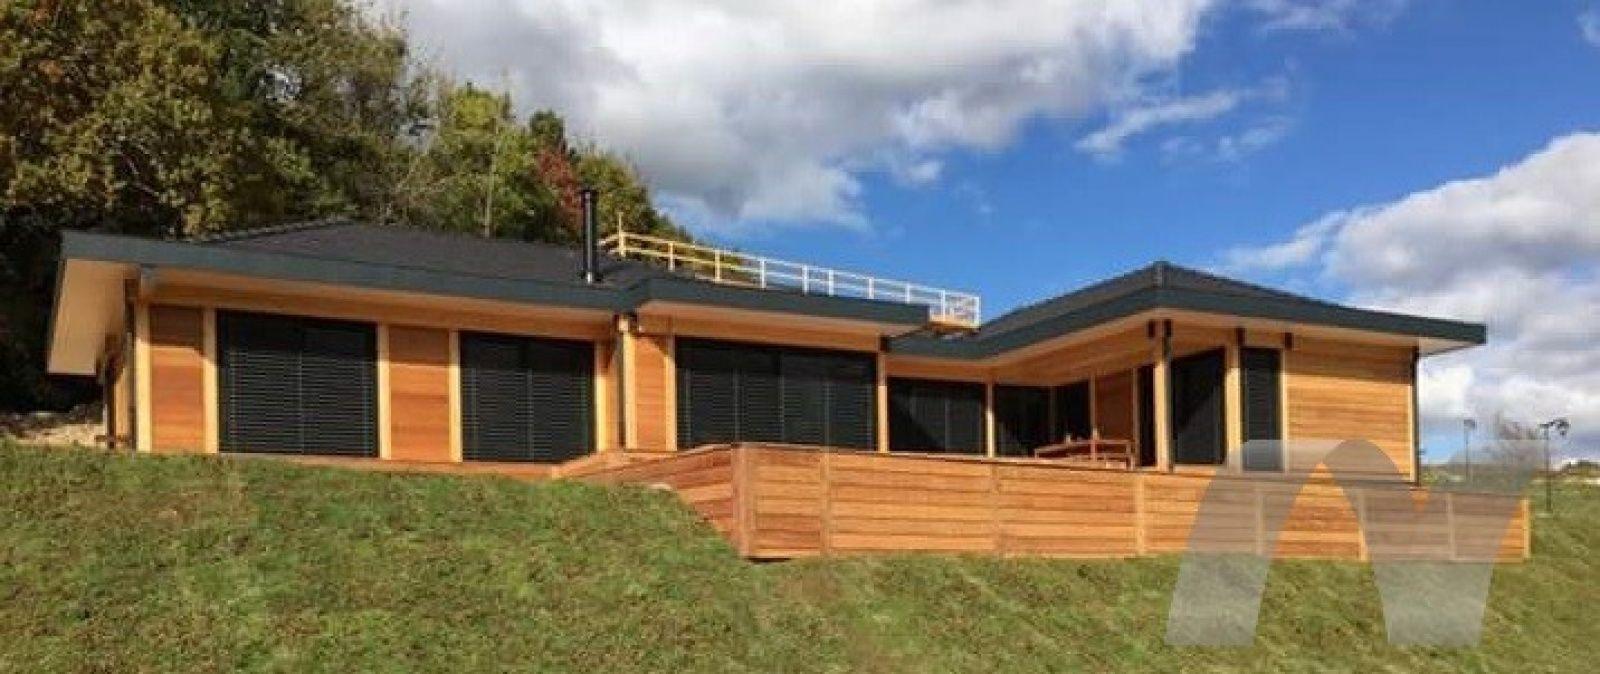 Maison En Bois Annecy maison construite en bois à sillingy prêt d'annecy | maison